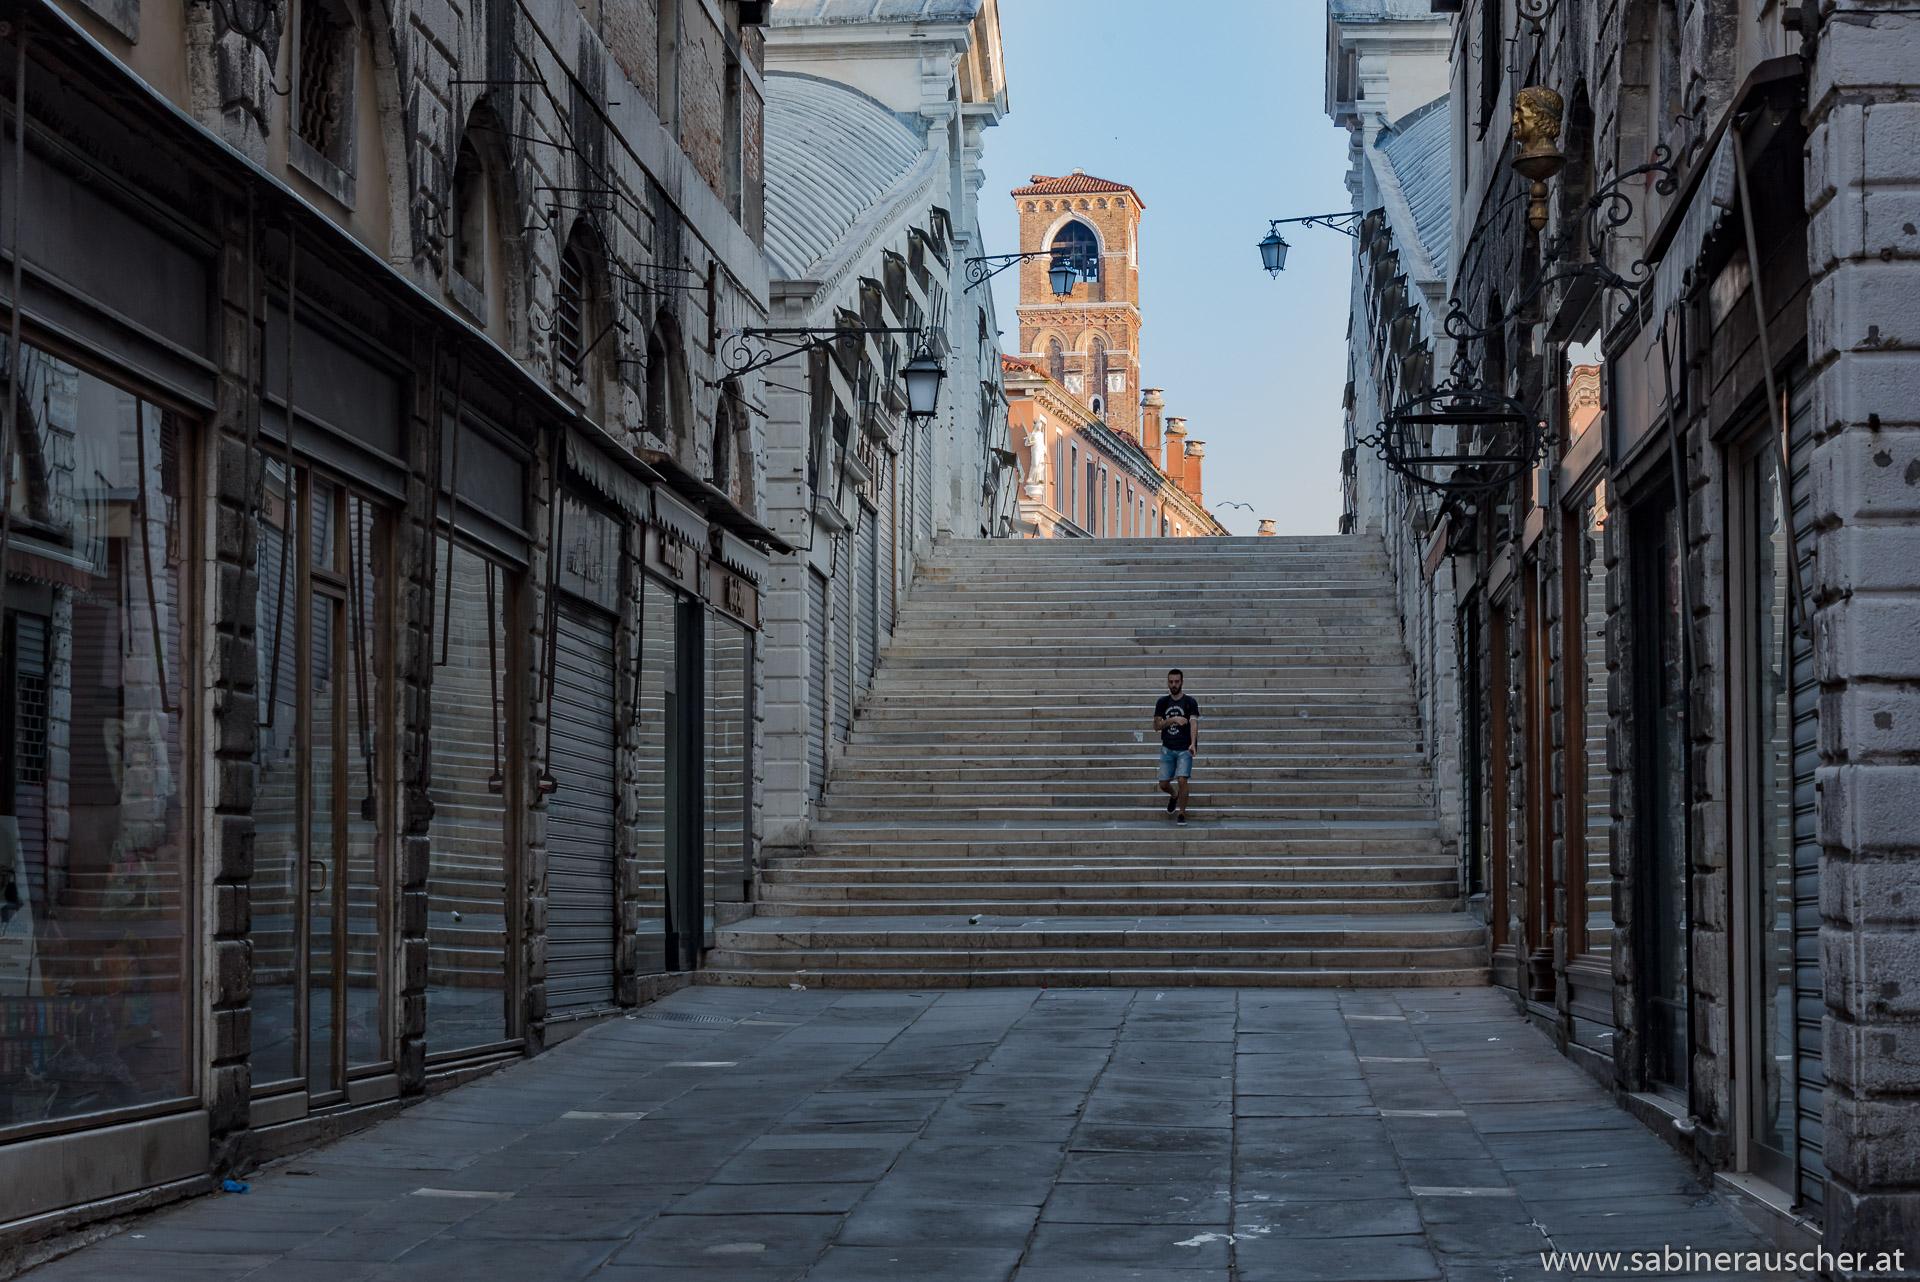 Venice - early morning at Rialto | Venedig - morgens vor dem Aufsperren an der Rialtobrücke